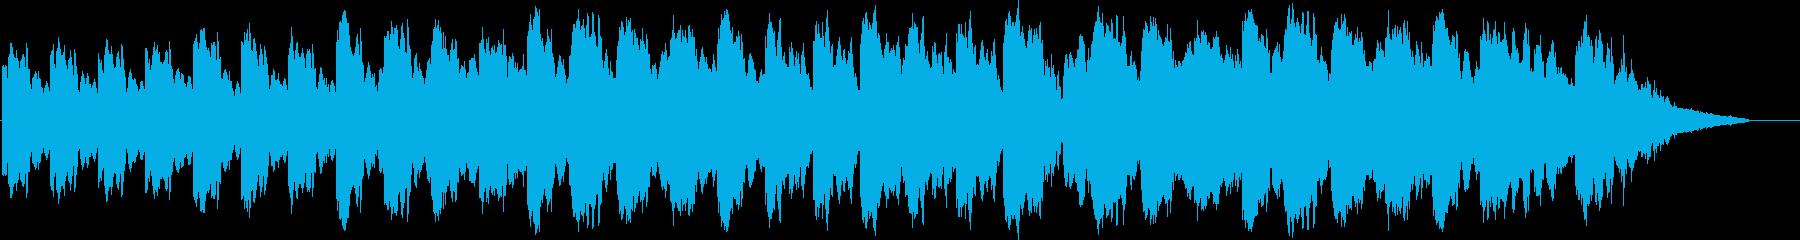 エンディング用などにの再生済みの波形